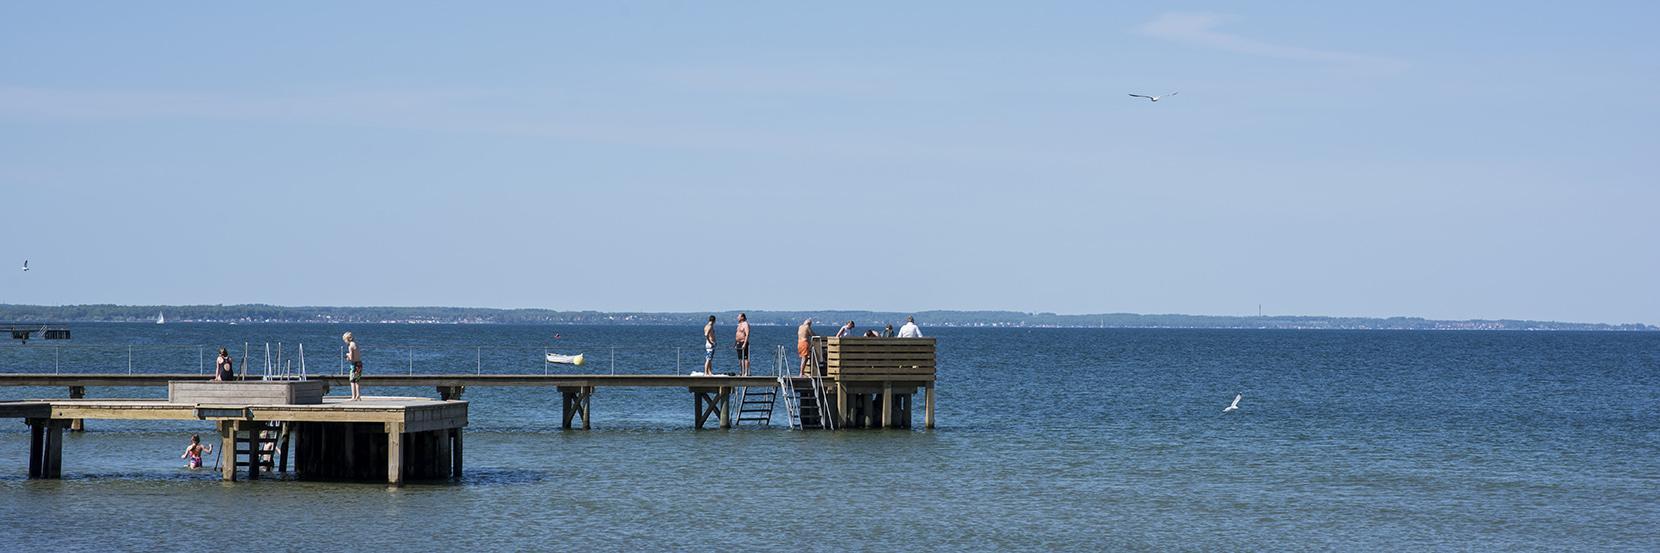 Sommer på Vedbæk Strand, hvor man kan bruge en badebro